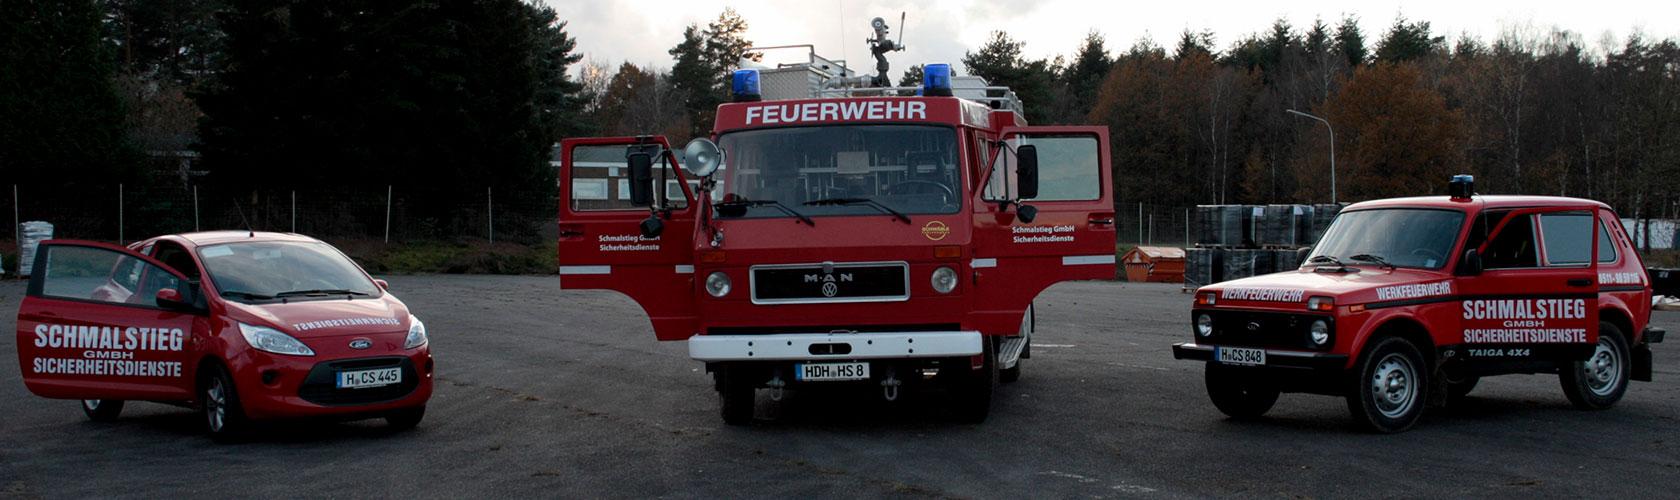 Brandsicherheitswachdienst Fahrzeuge - Brandsicherheitsdienst Hannover